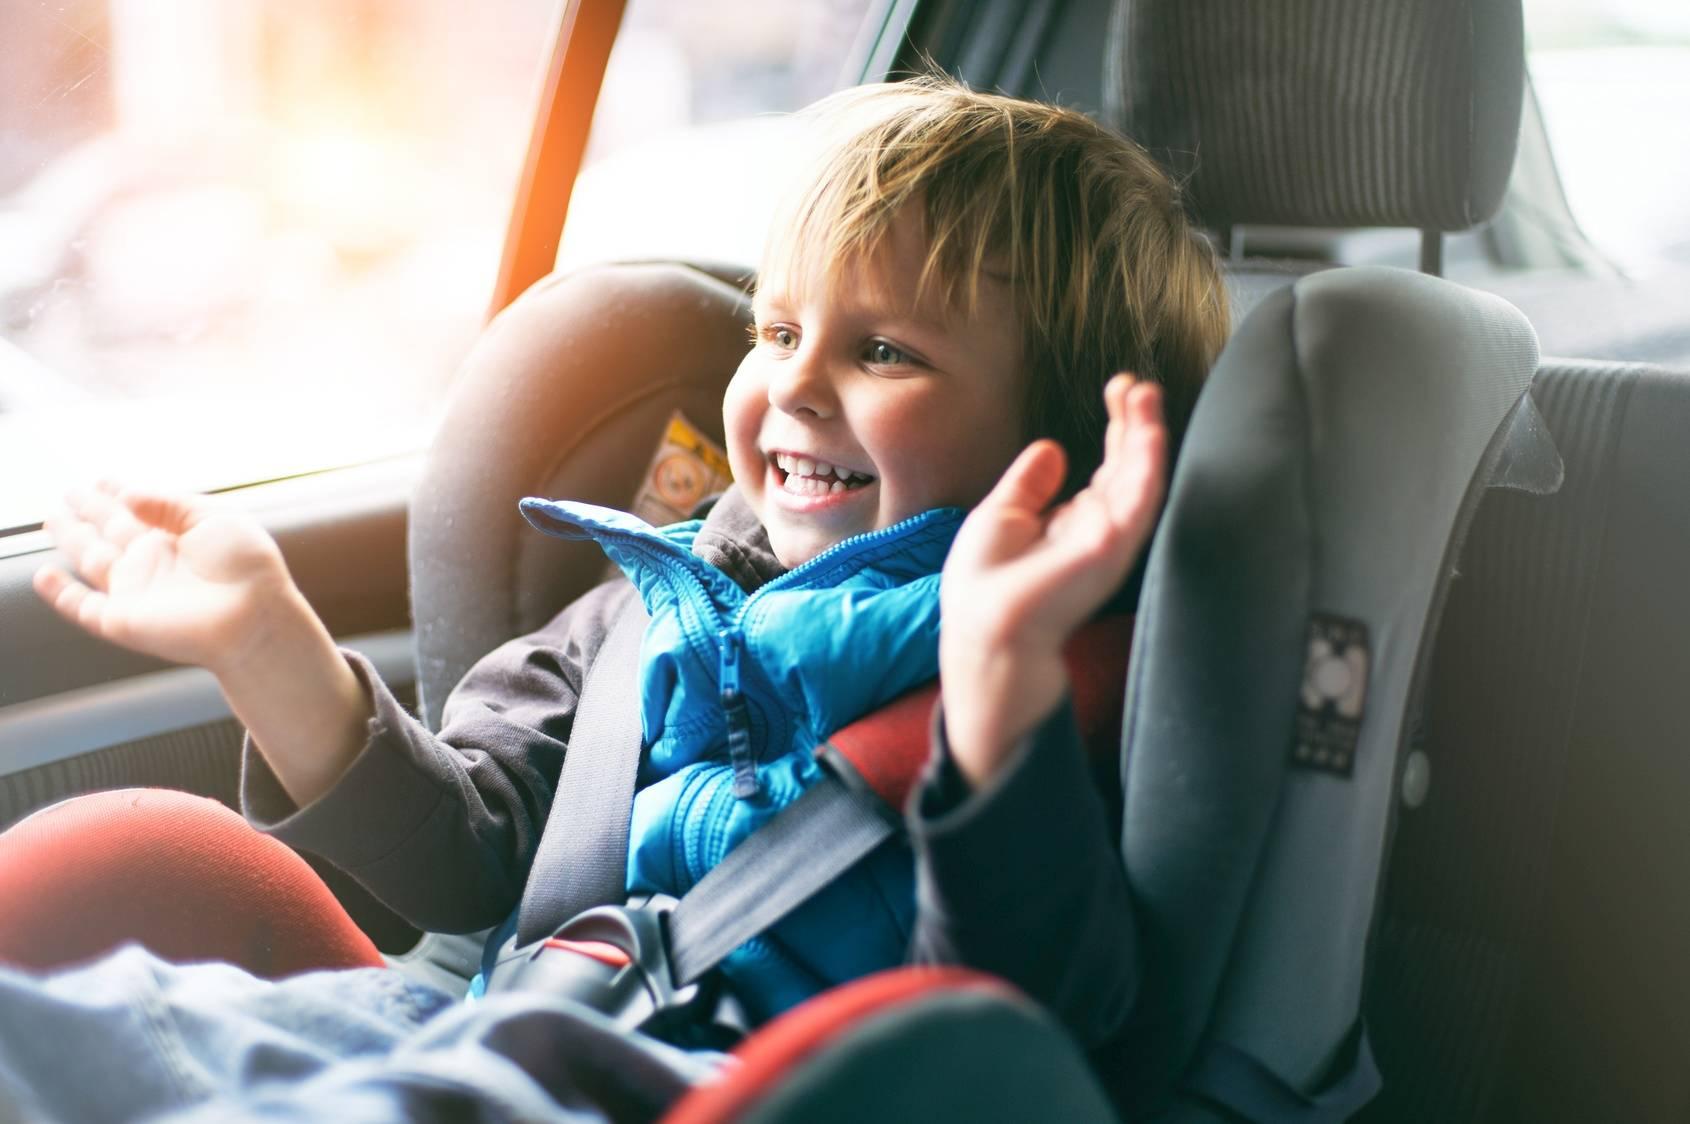 Zasady bezpiecznego podróżowania z dziećmi - dziecko w foteliku samochodowym.